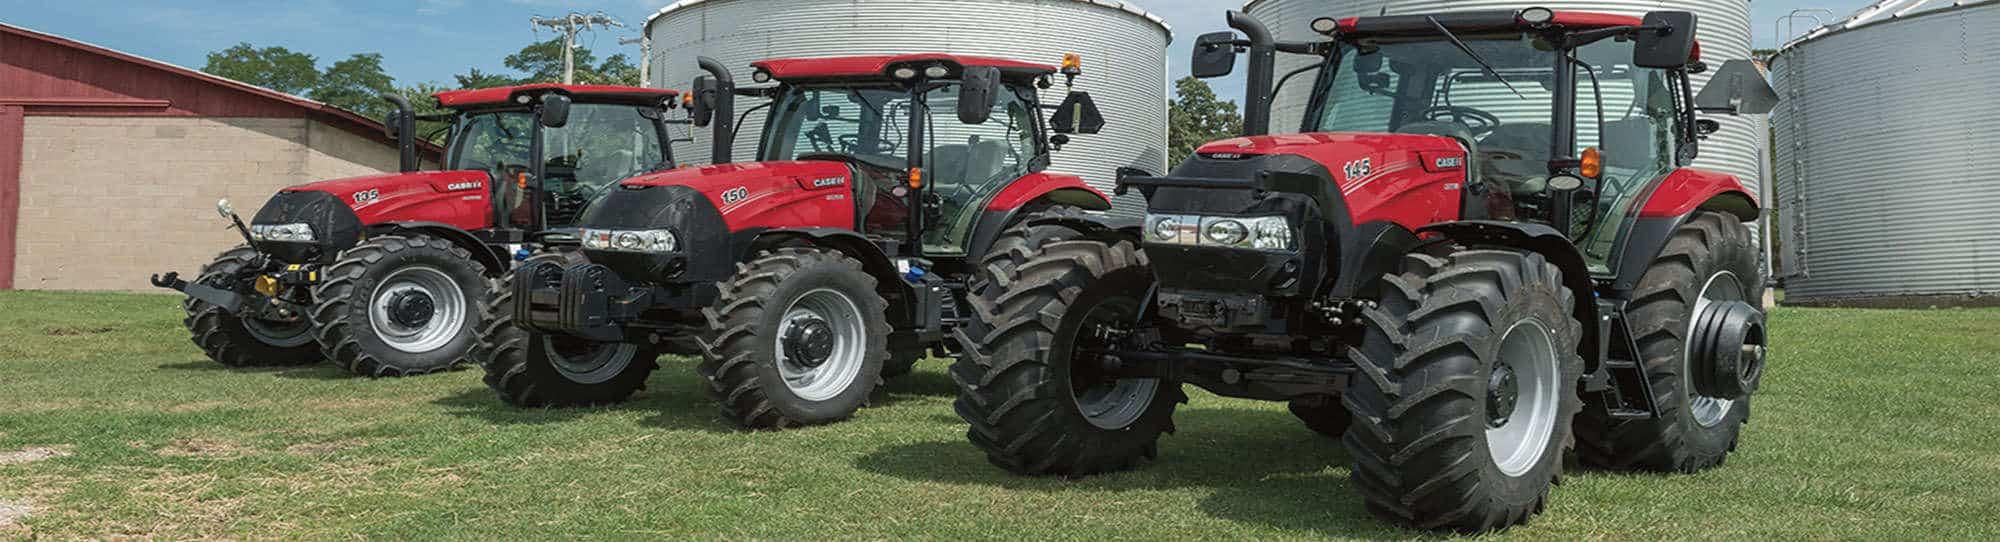 Maxxum tractors by Case